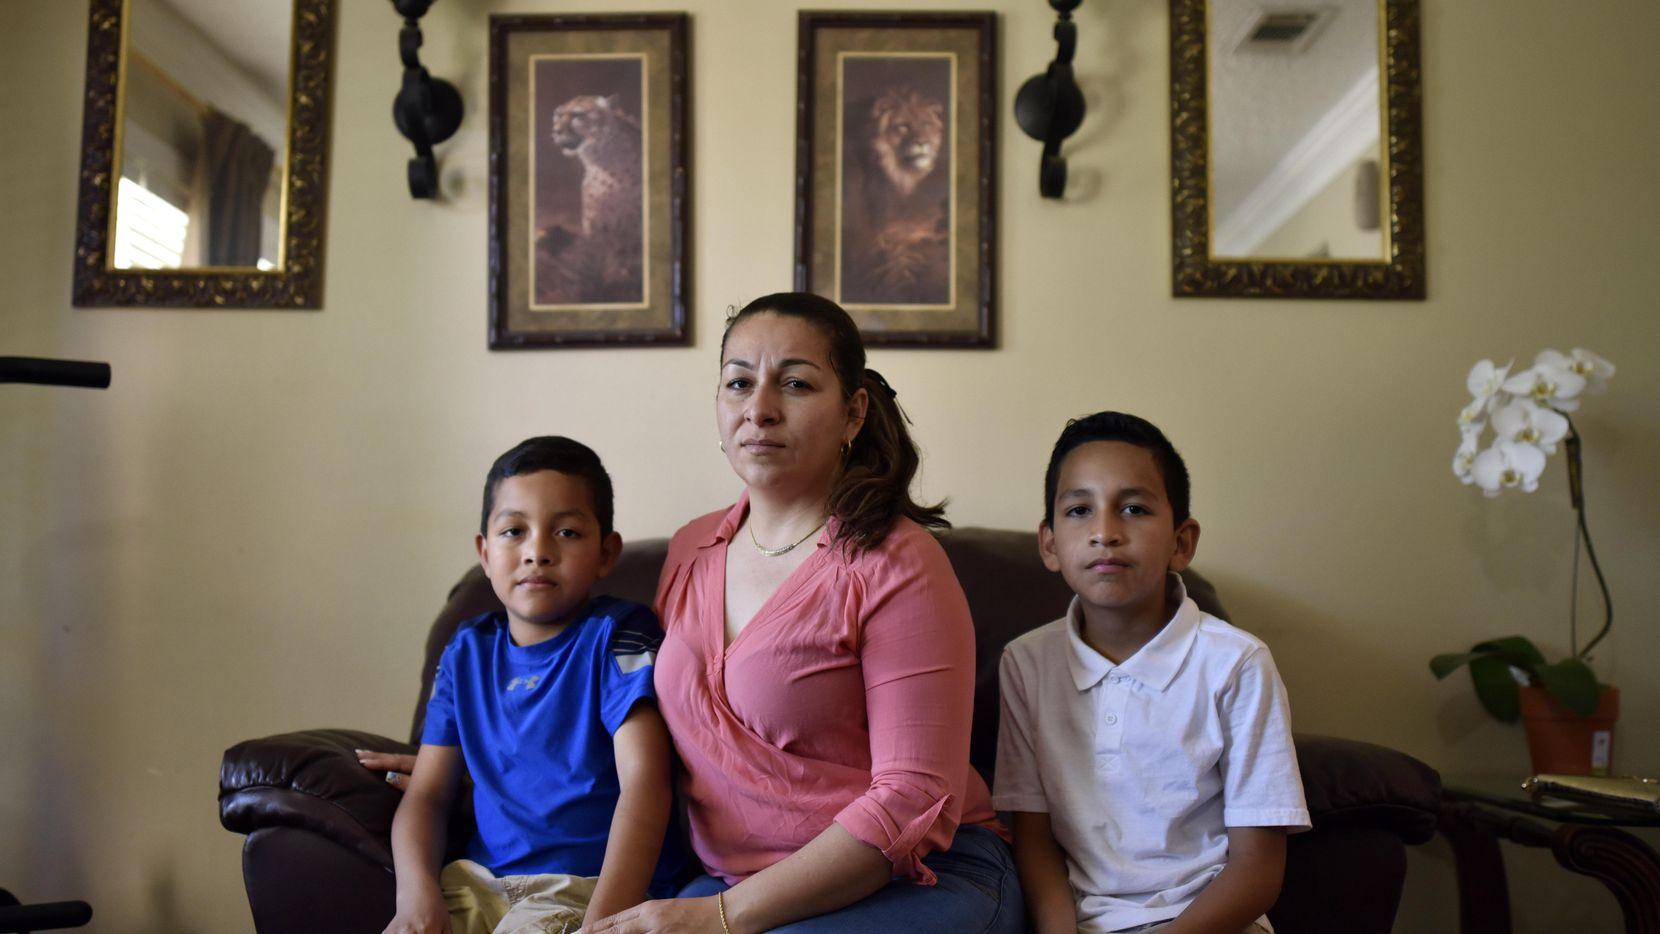 Marta Hernández y sus dos hijos, Kenneth, de 8 años, y César, de 11, obtuvieron asilo y en un año podrán pedir la residencia permanente. (ESPECIAL PARA AL DÍA/BEN TORRES)